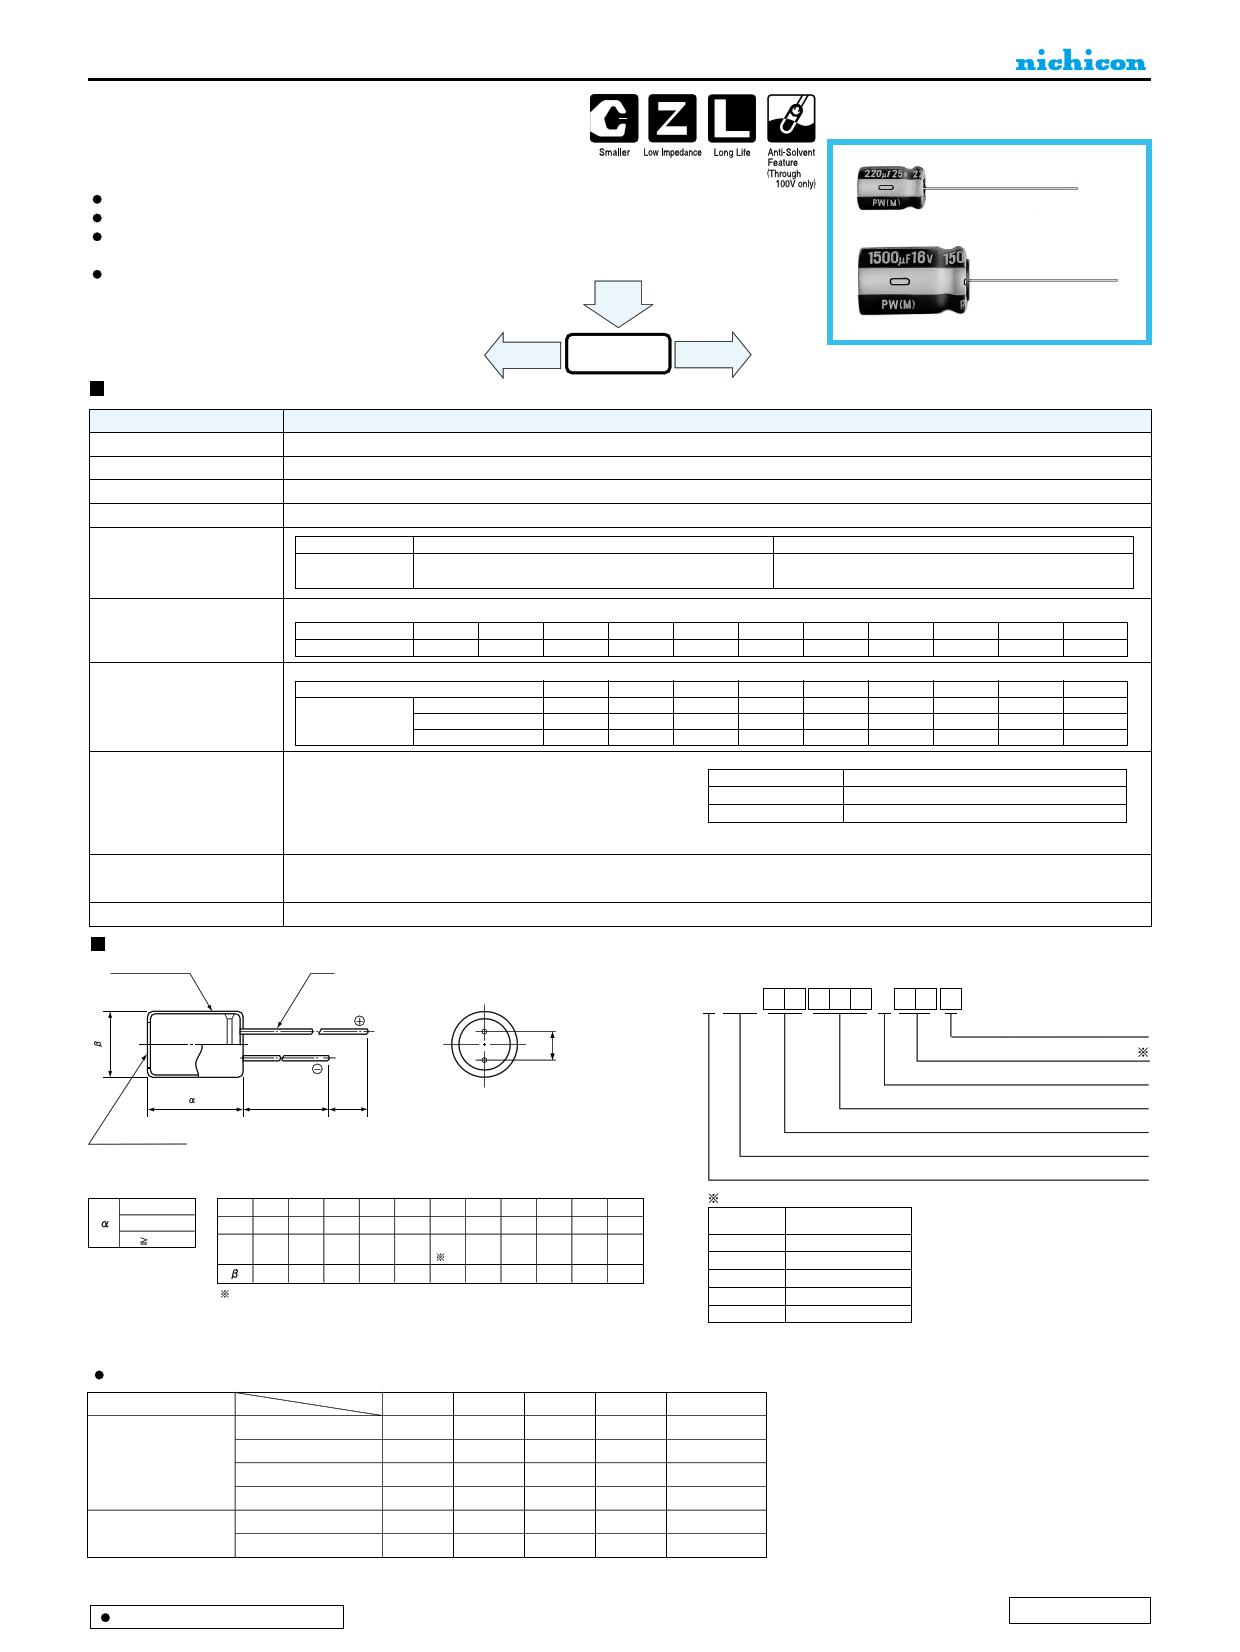 UPW1E101MED 데이터시트 및 UPW1E101MED PDF